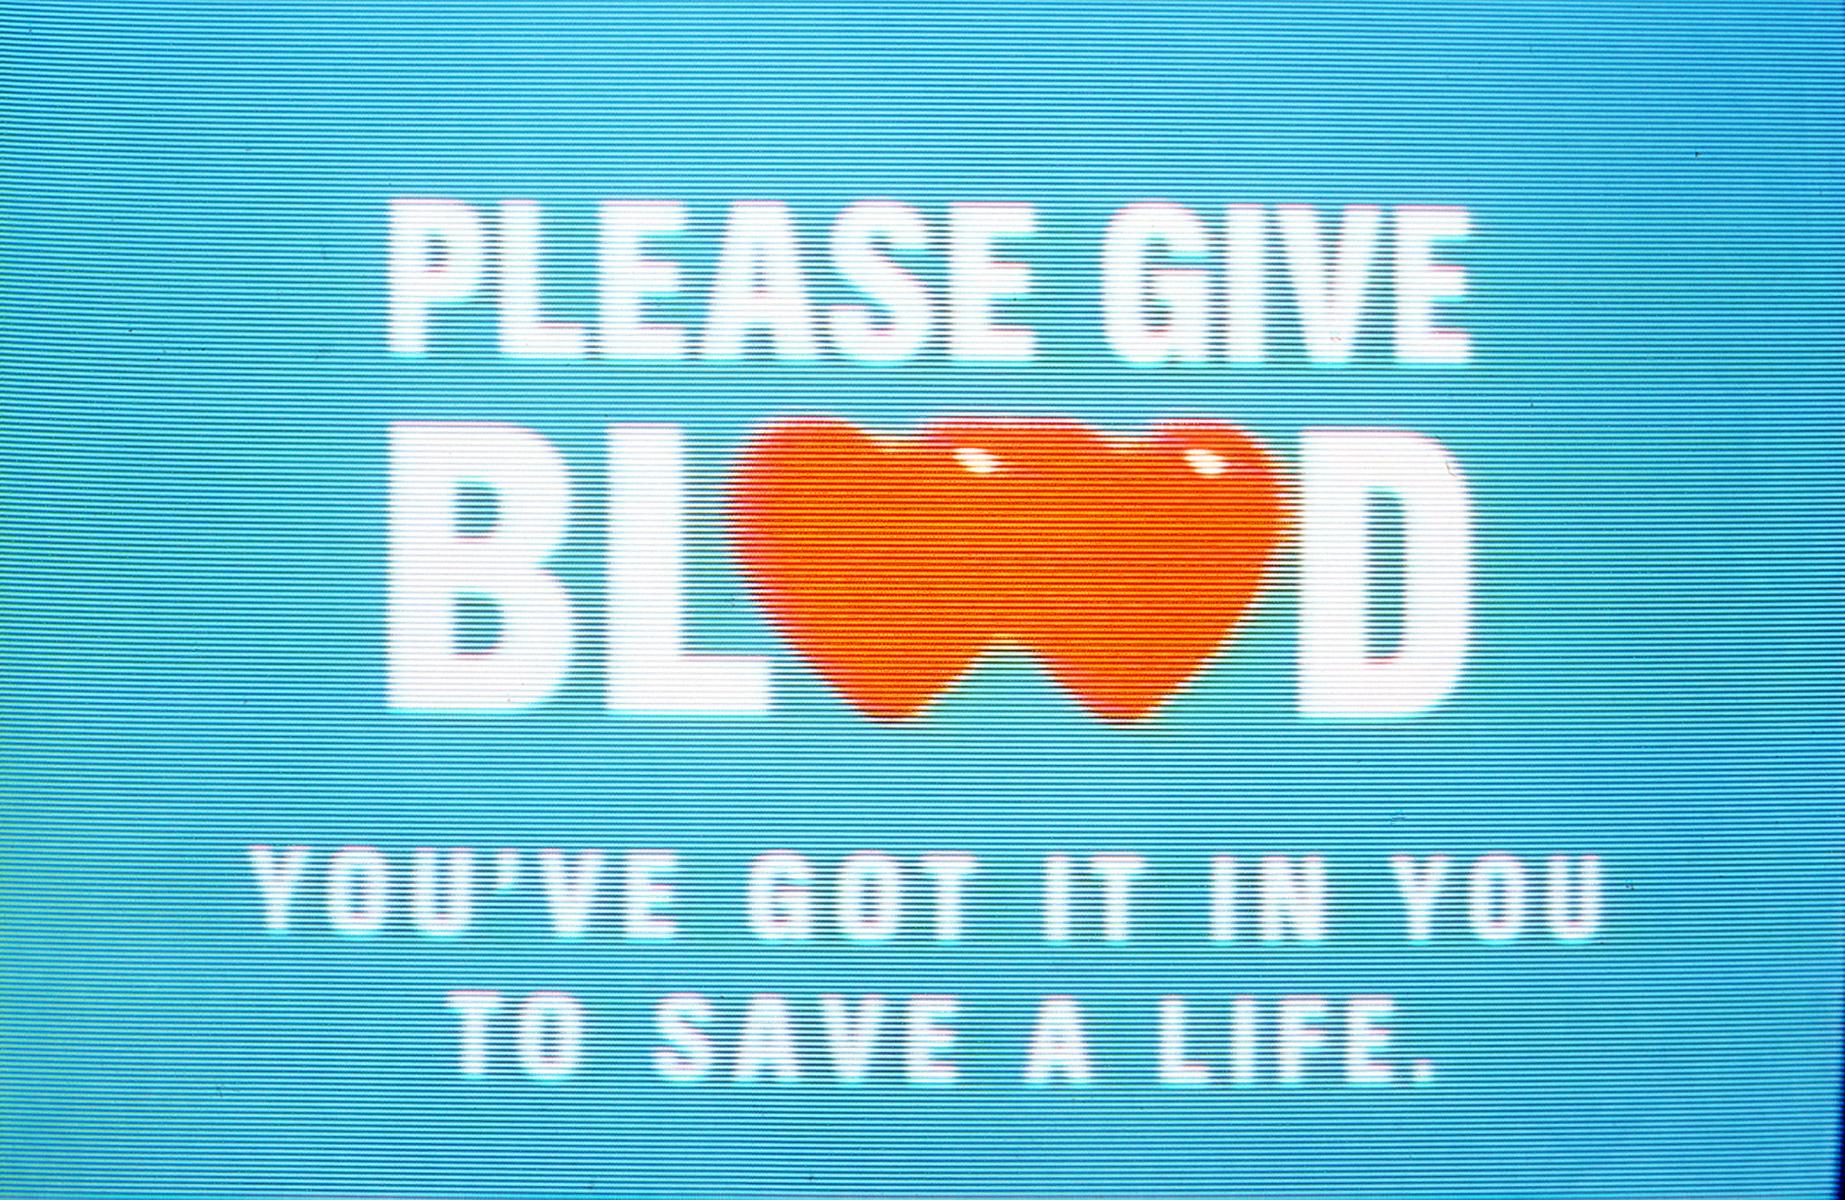 ジョナサン・バーンブルック|フィルム&ビデオ3作品 「Scottish Blood Bank」「Vicks」「Non-commercial Work」